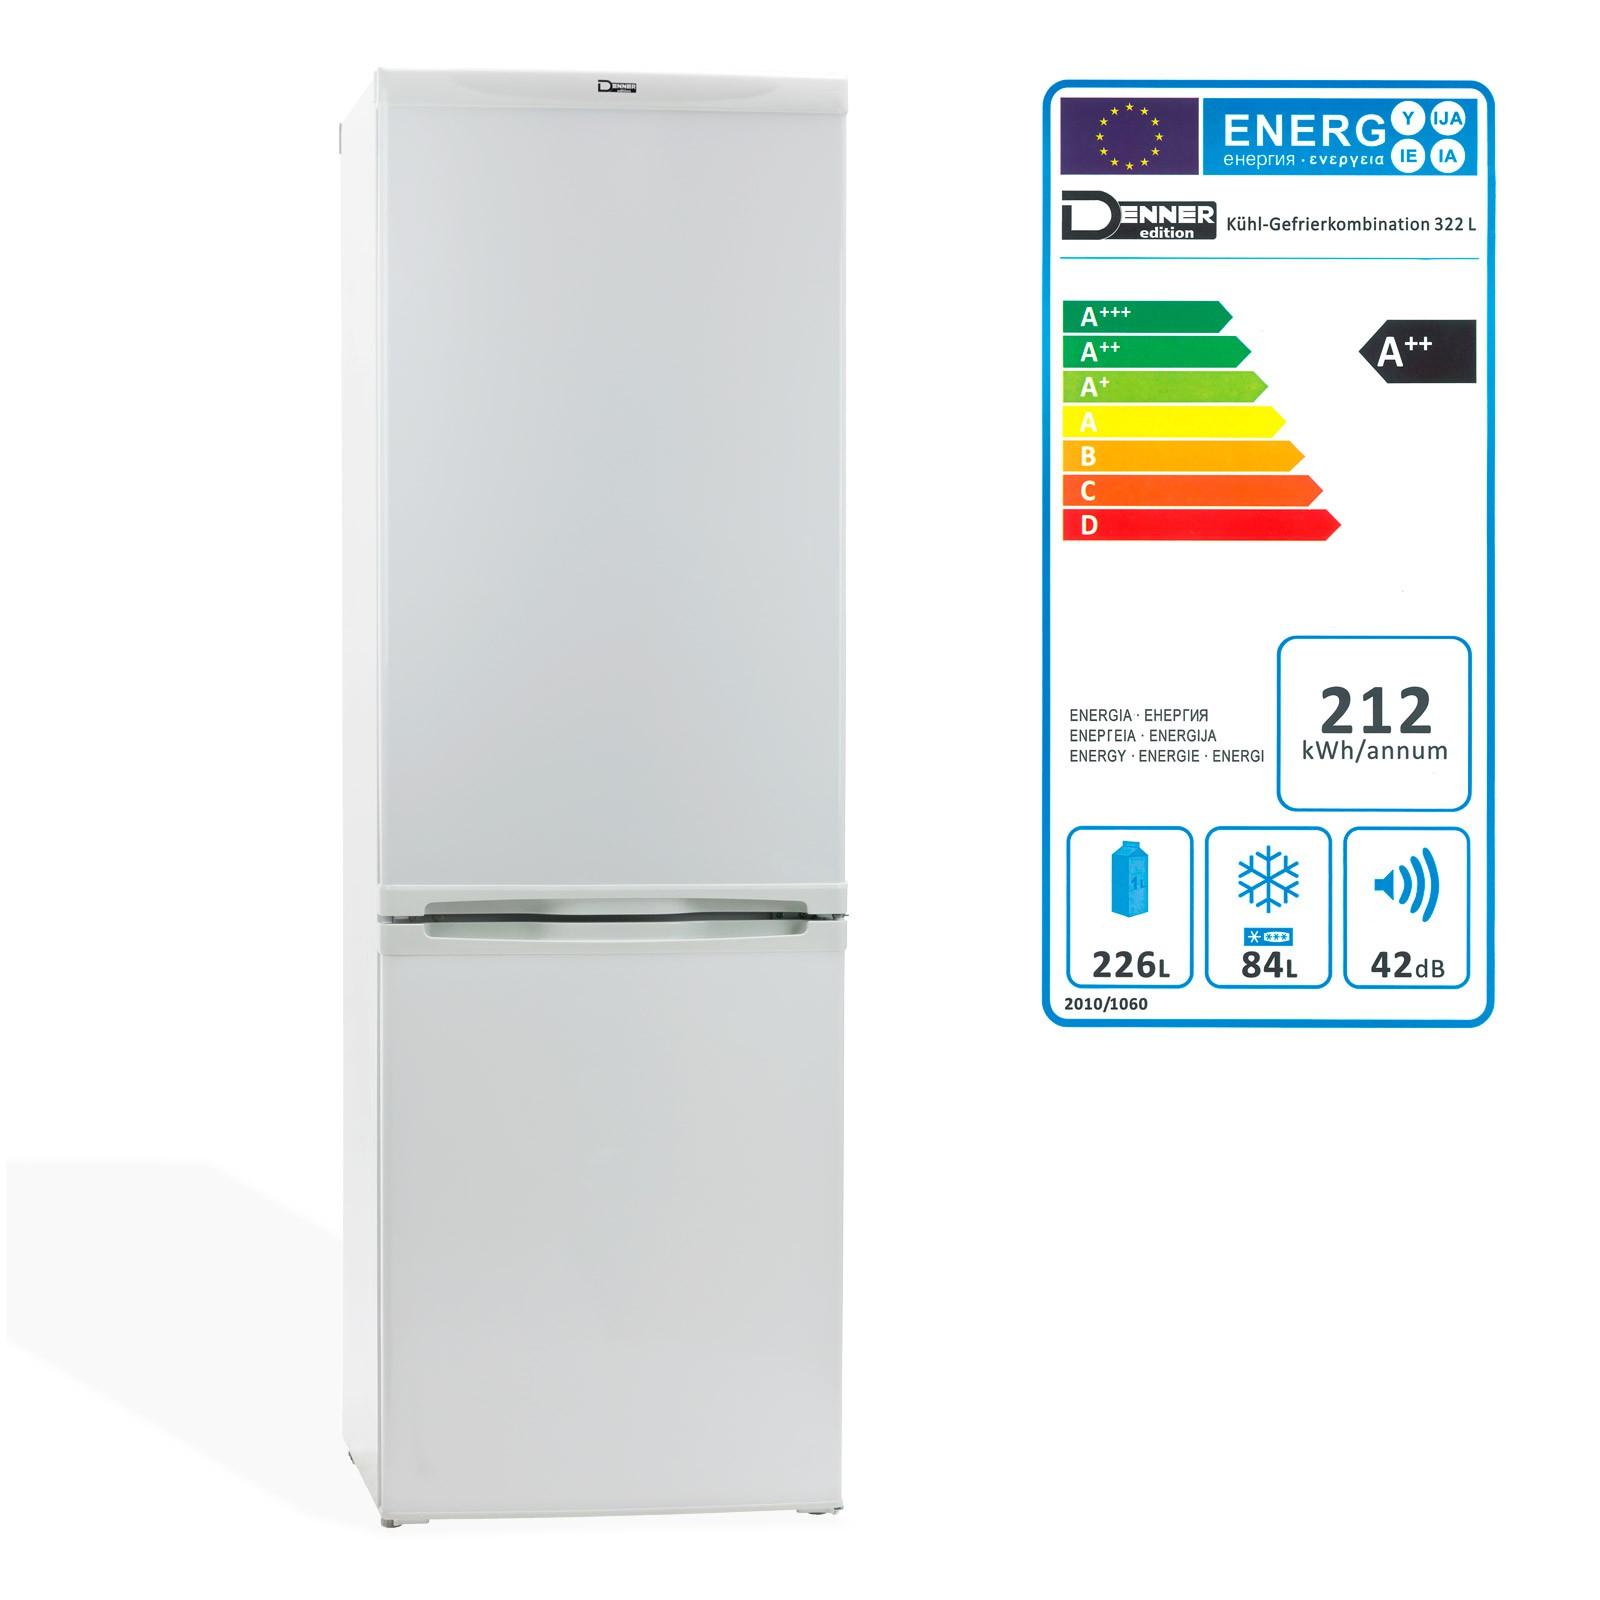 Kühl Gefrierkombination / Kühlschrank mit Gefrierfach 322 L A++